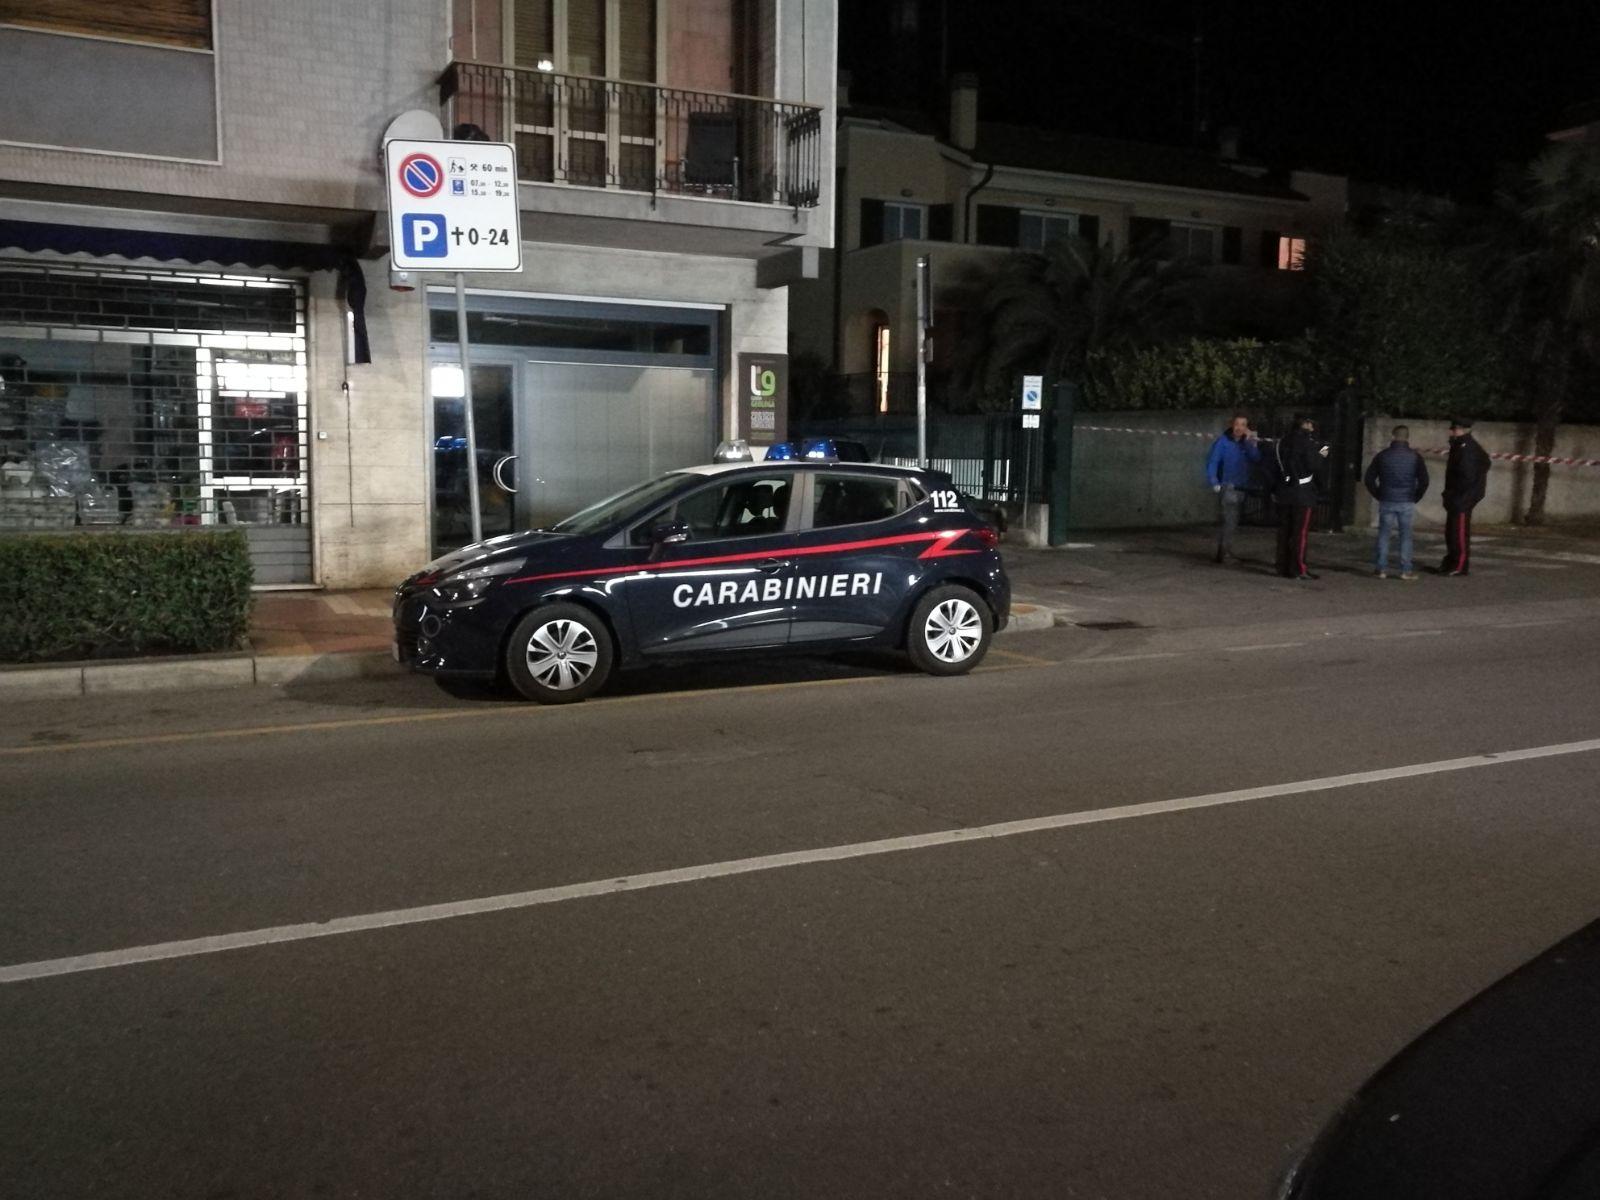 Tentato omicidio in un box a Loano: 23enne gambizzato con colpo di pistola